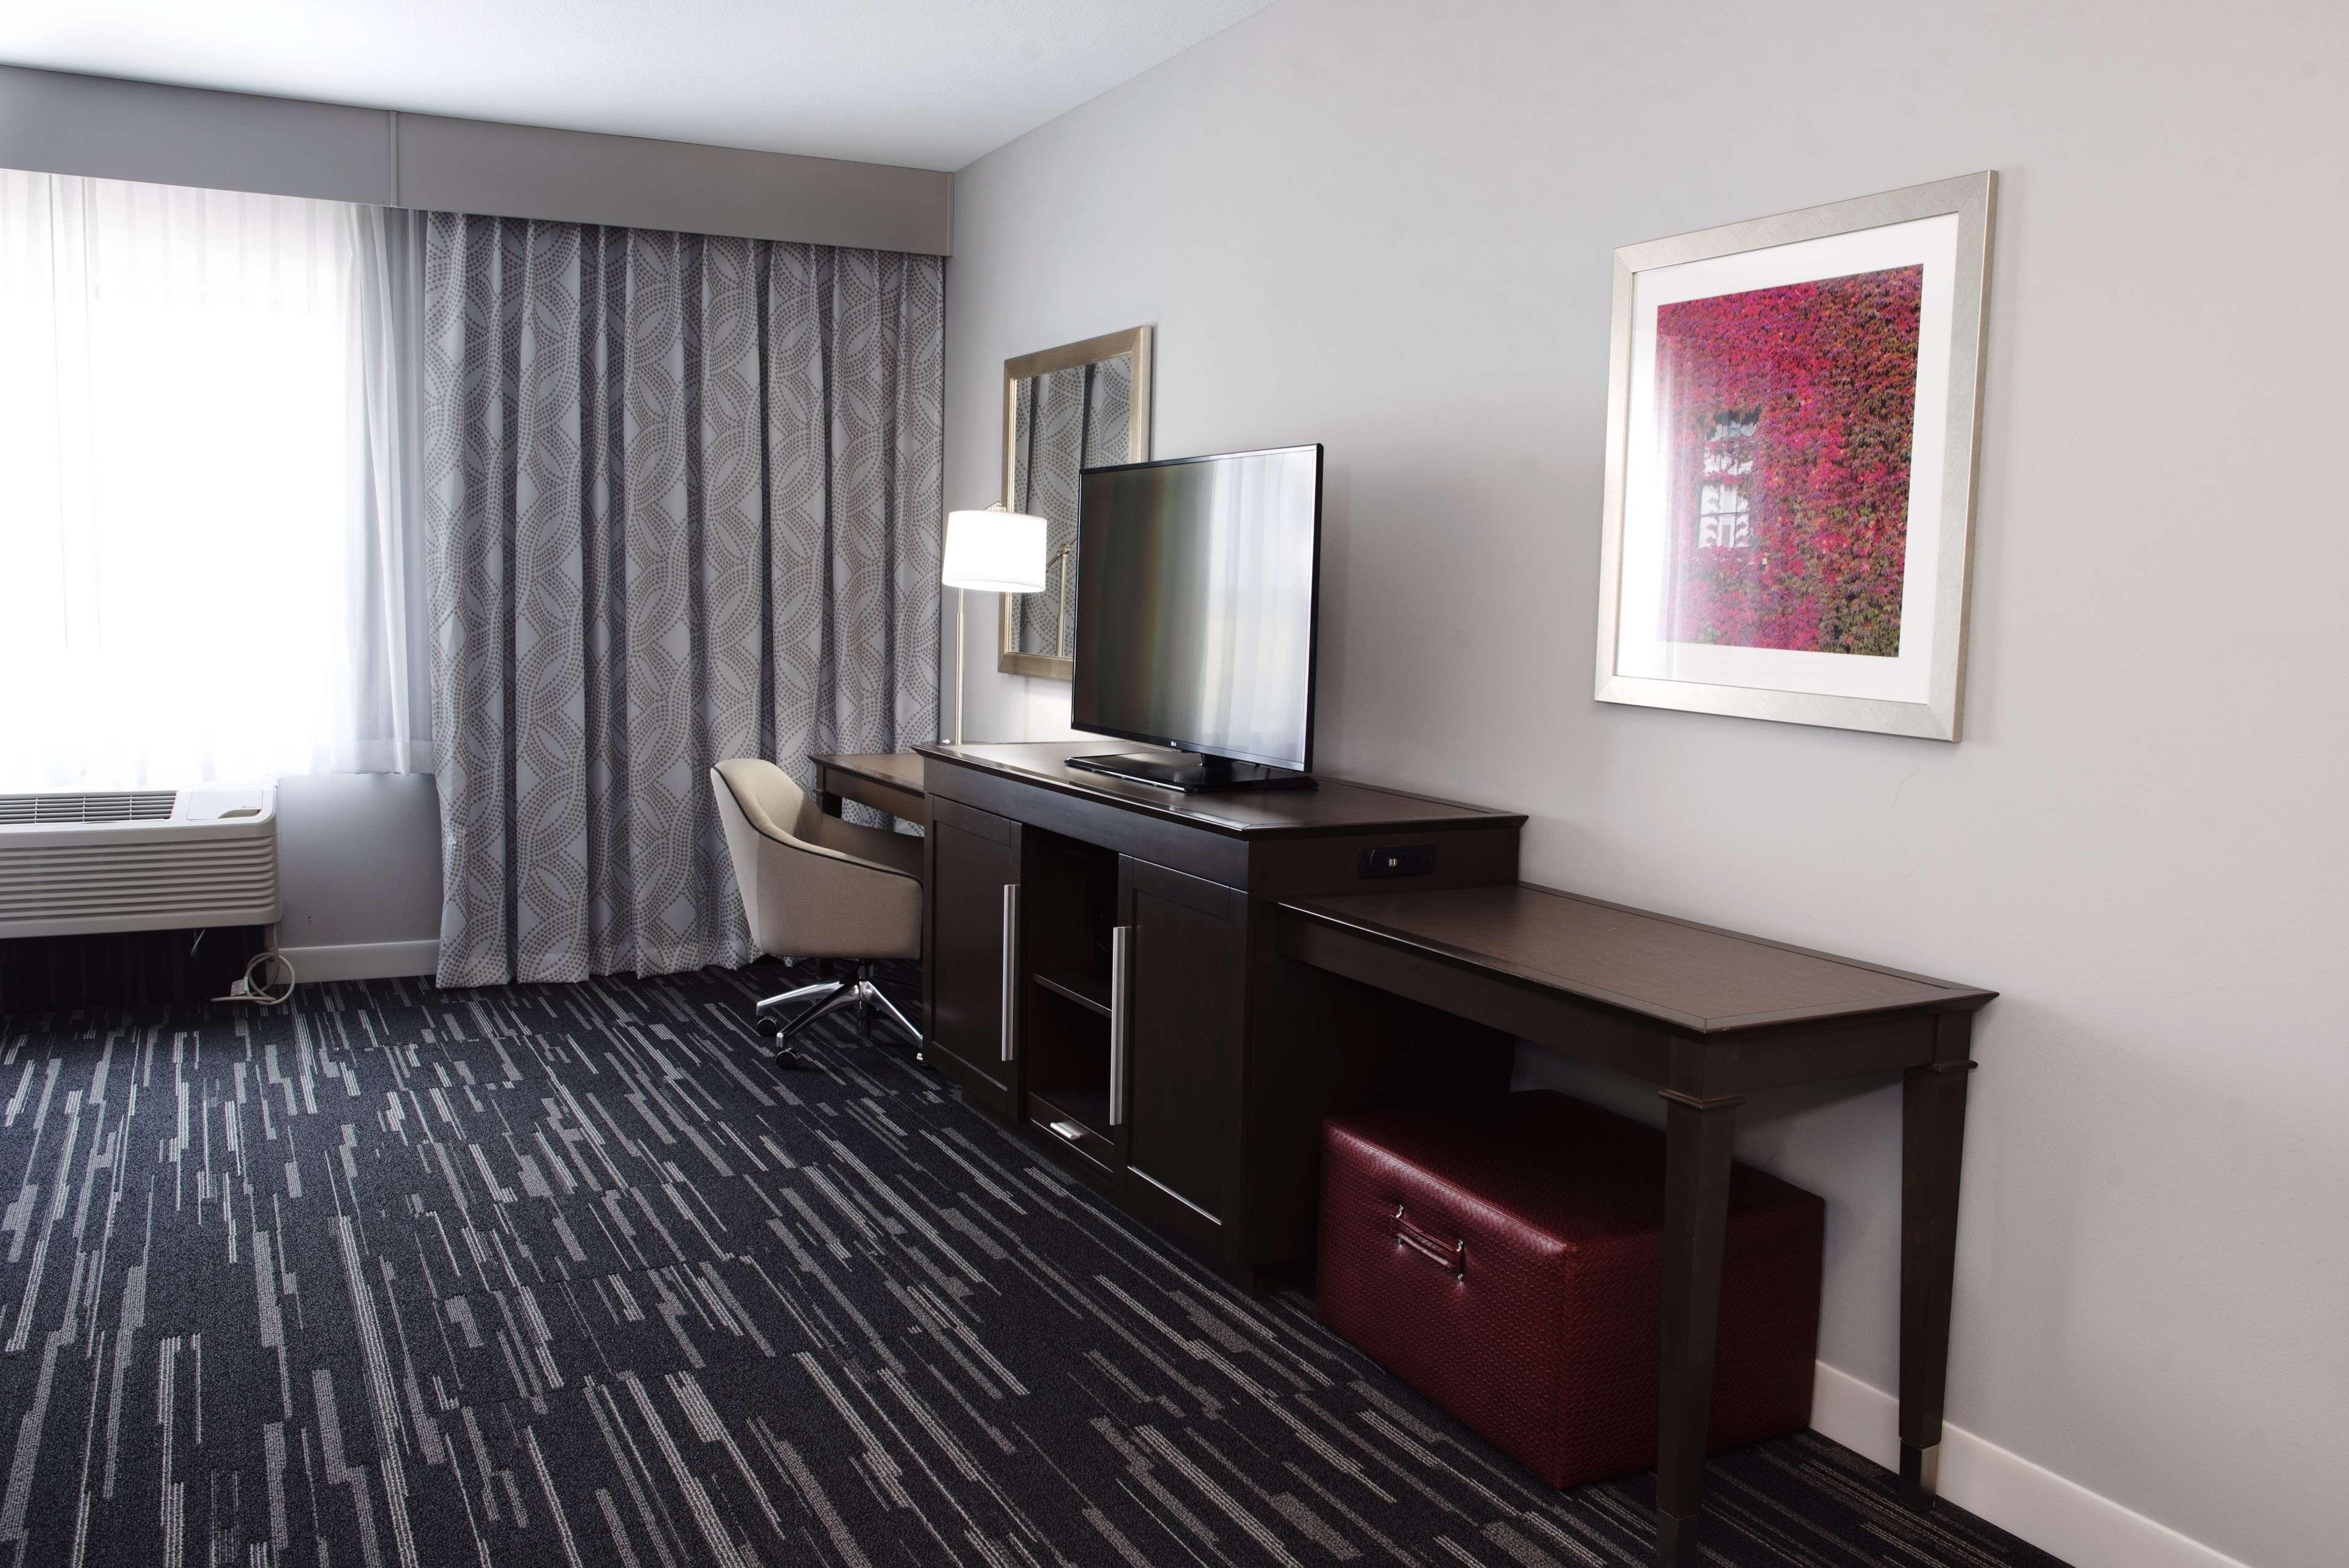 Hampton Inn & Suites Des Moines/Urbandale image 36